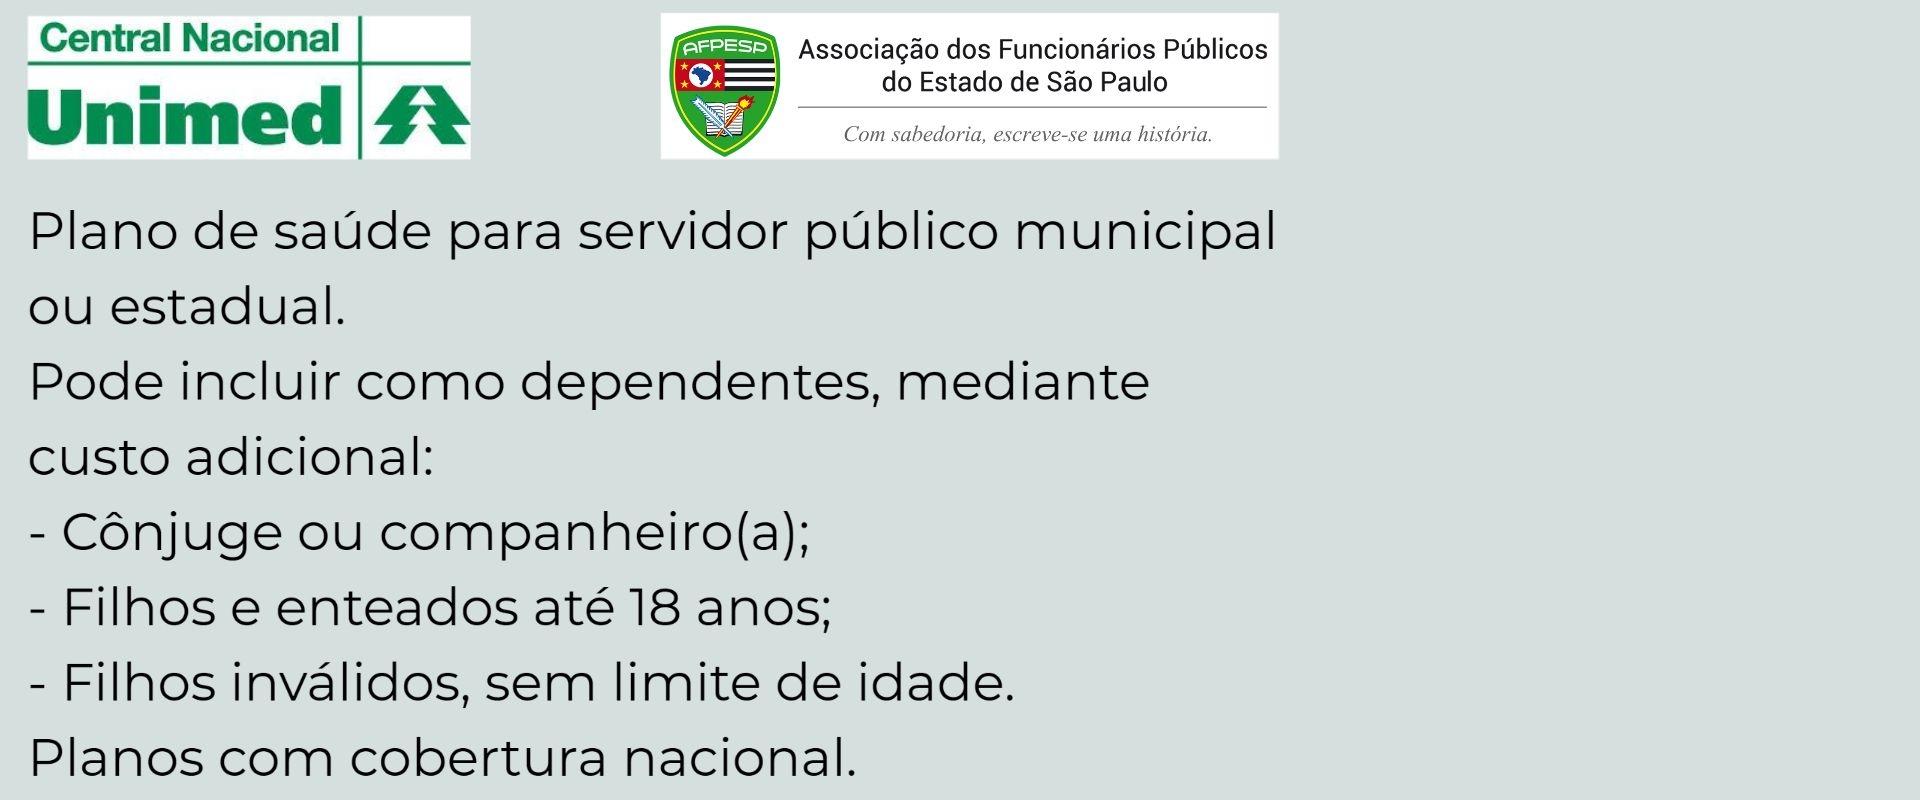 Unimed AFPESP Bragança Paulista